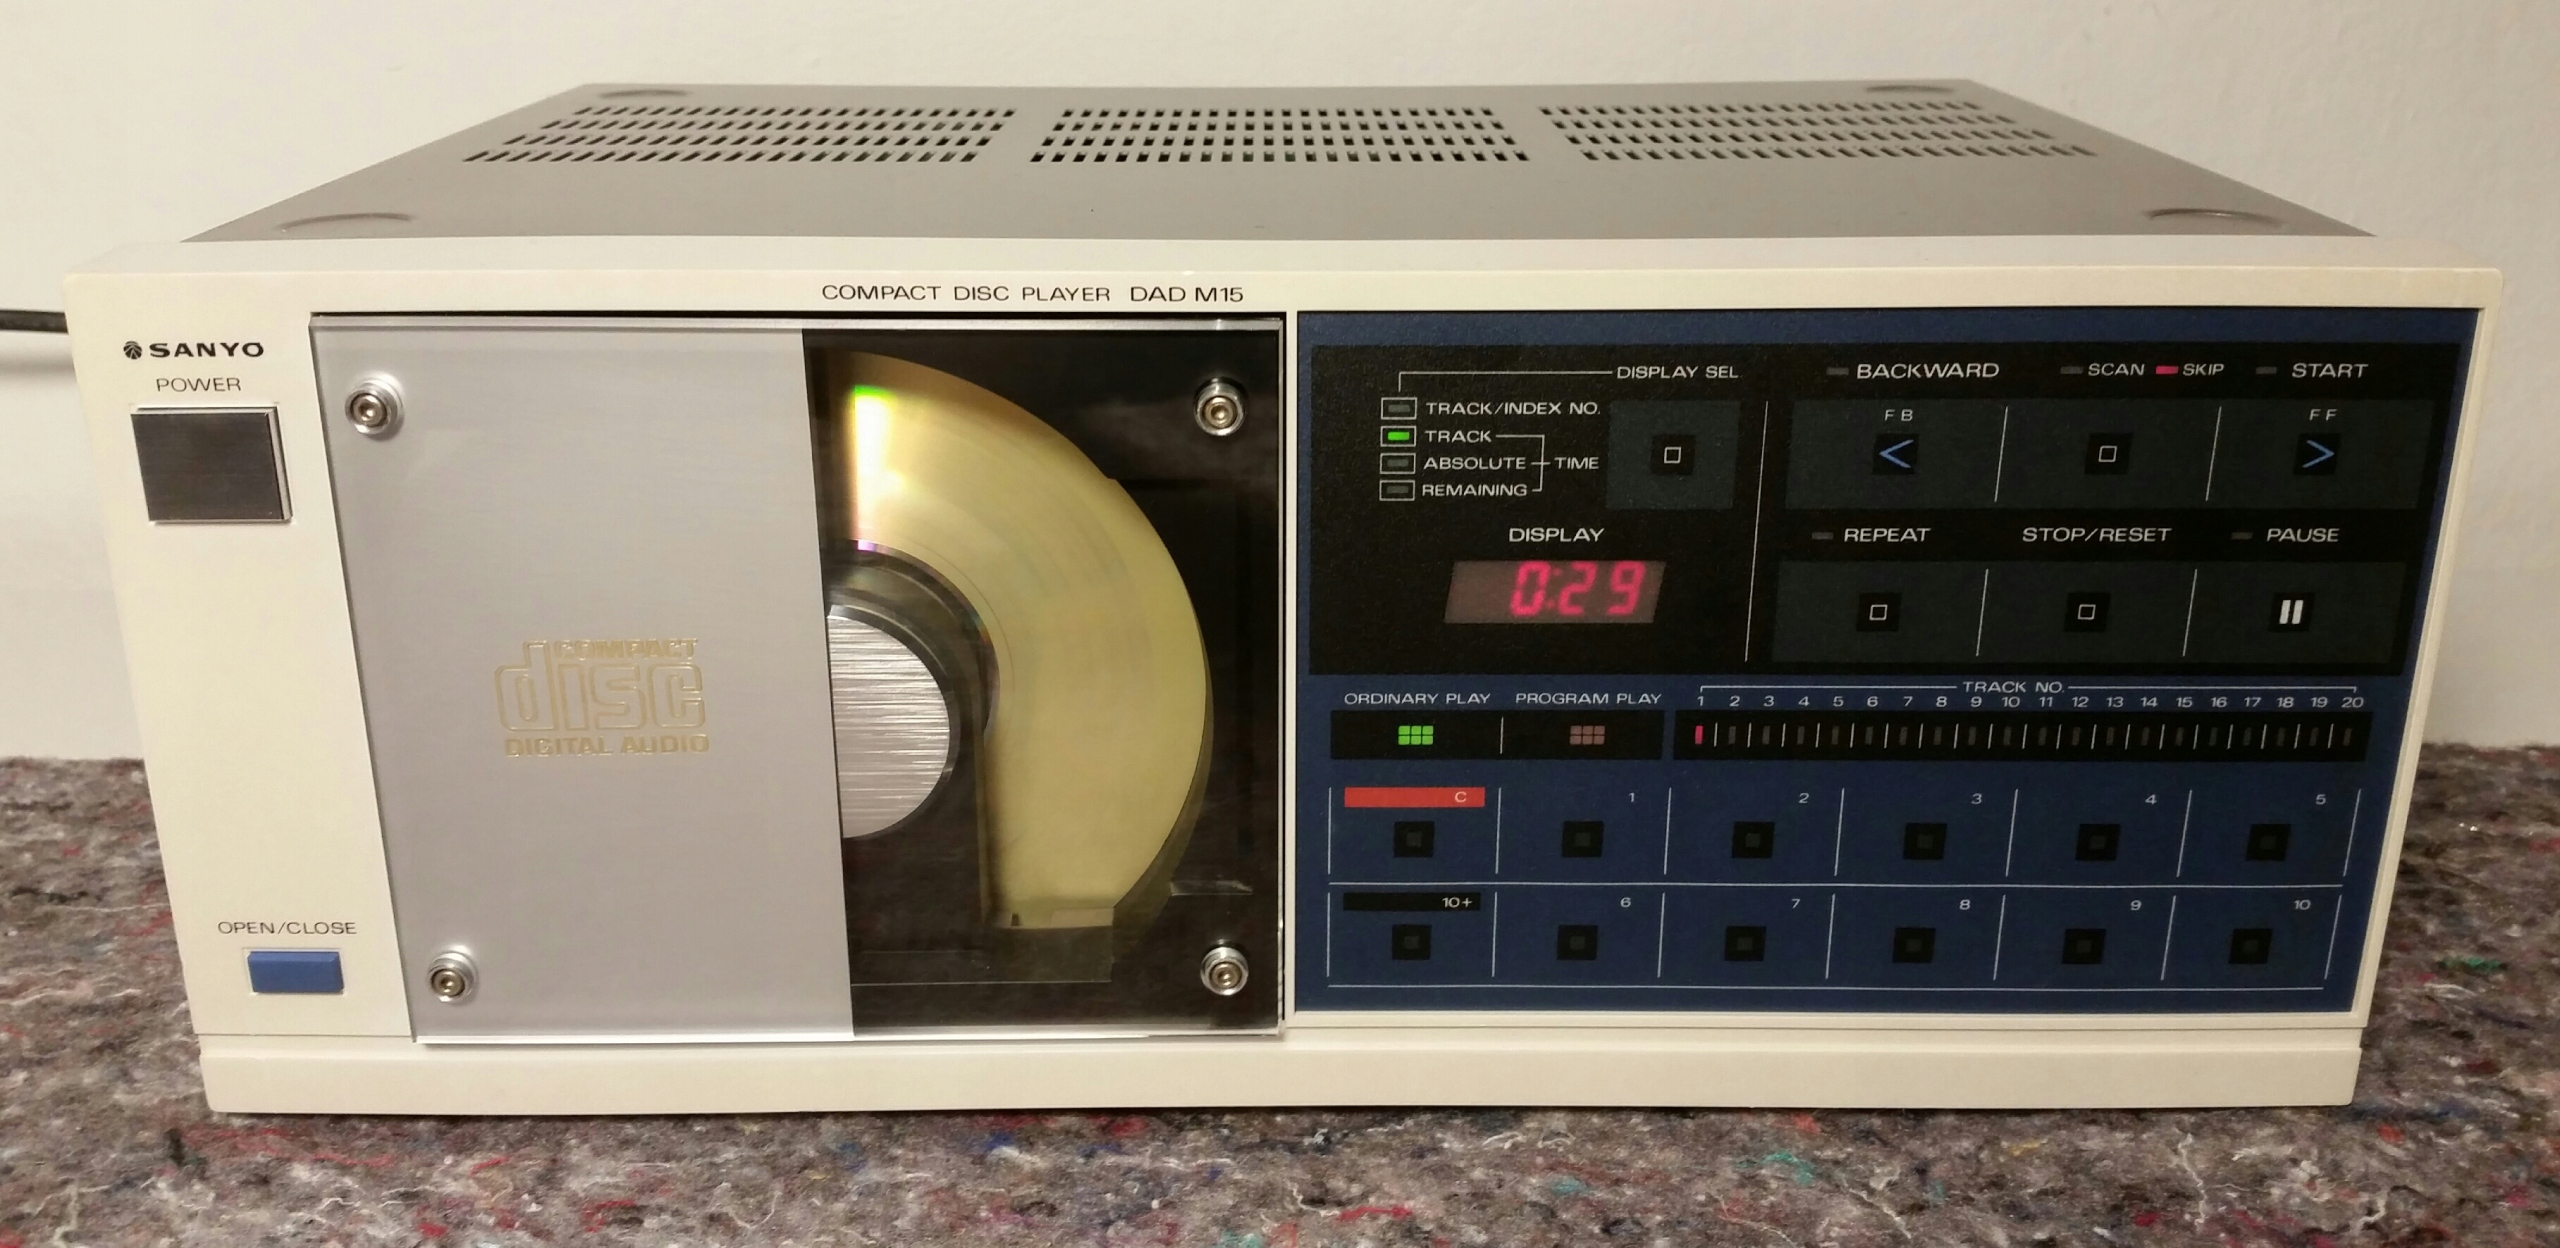 Sanyo DAD M15 2x TDA-1540D